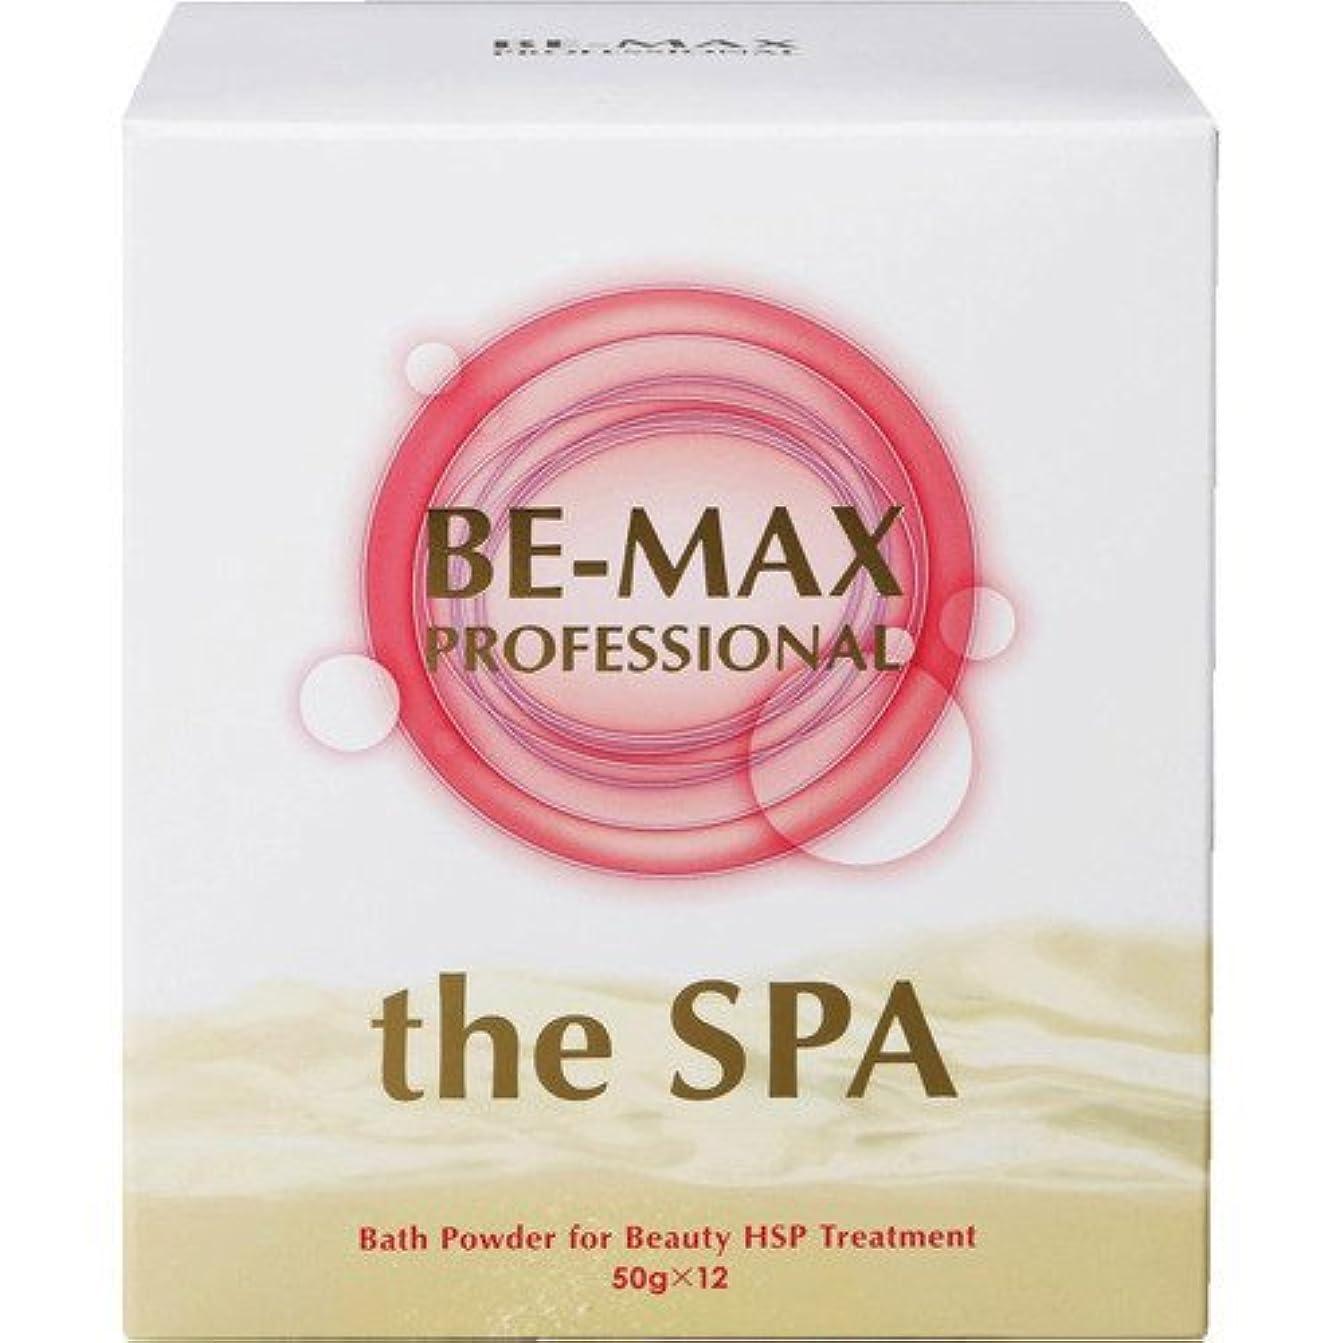 乱れステートメントガスBE-MAX PROFESSIONAL the SPA(ザ?スパ) ビーマックスプロフェッショナル ザ?スパ バスパウダー 50gx12包 (4571132621587)